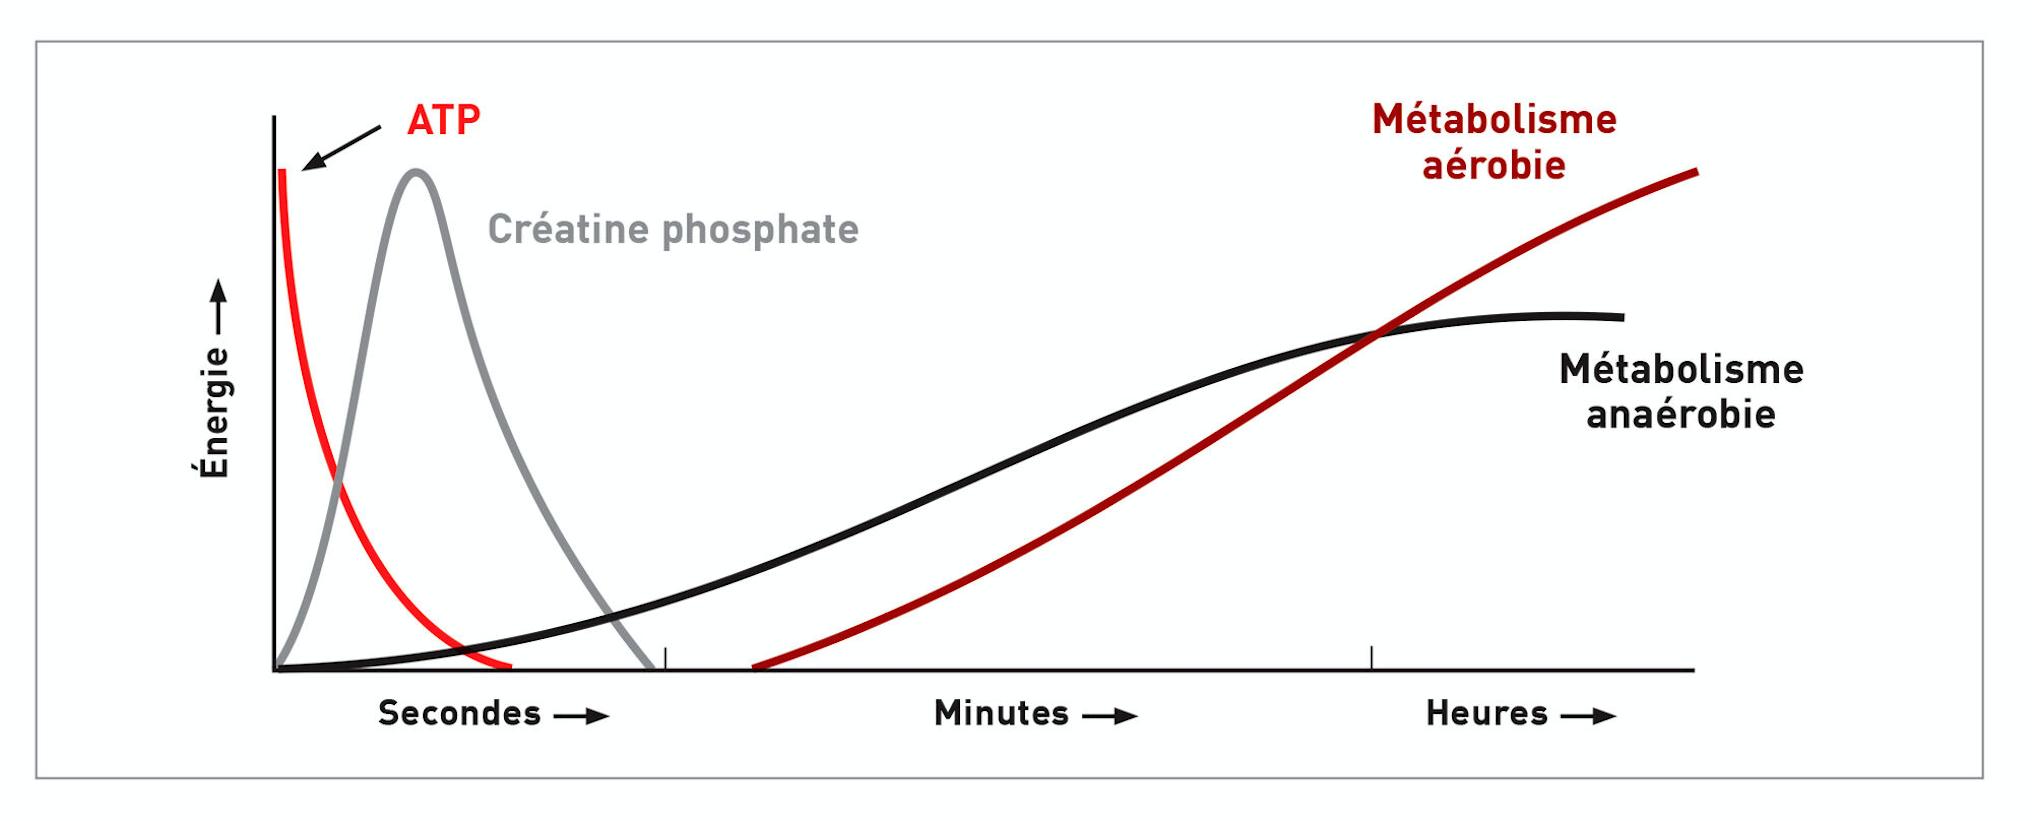 Graphique montrant les différentes sources d'énergie utilisées au cours du temps pendant l'exercice.